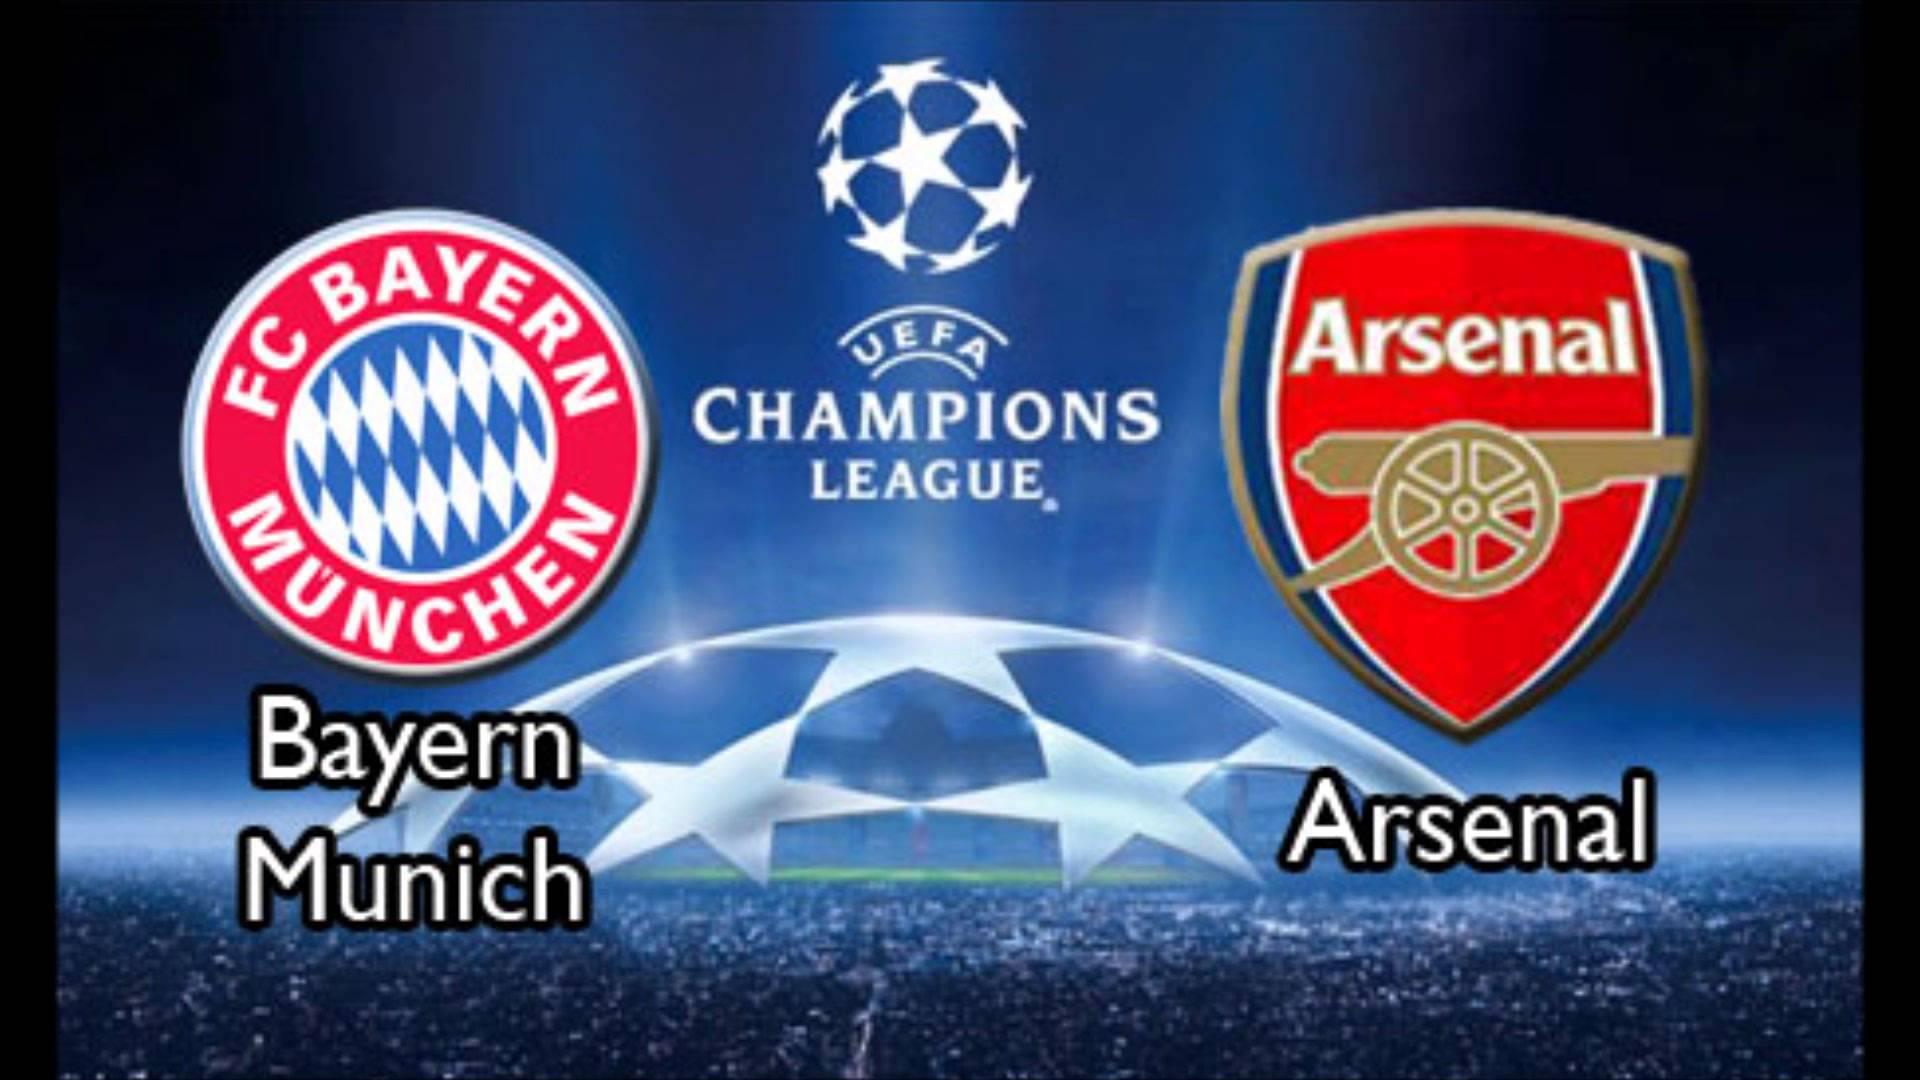 Bayern Munich vs Arsenal Champions League